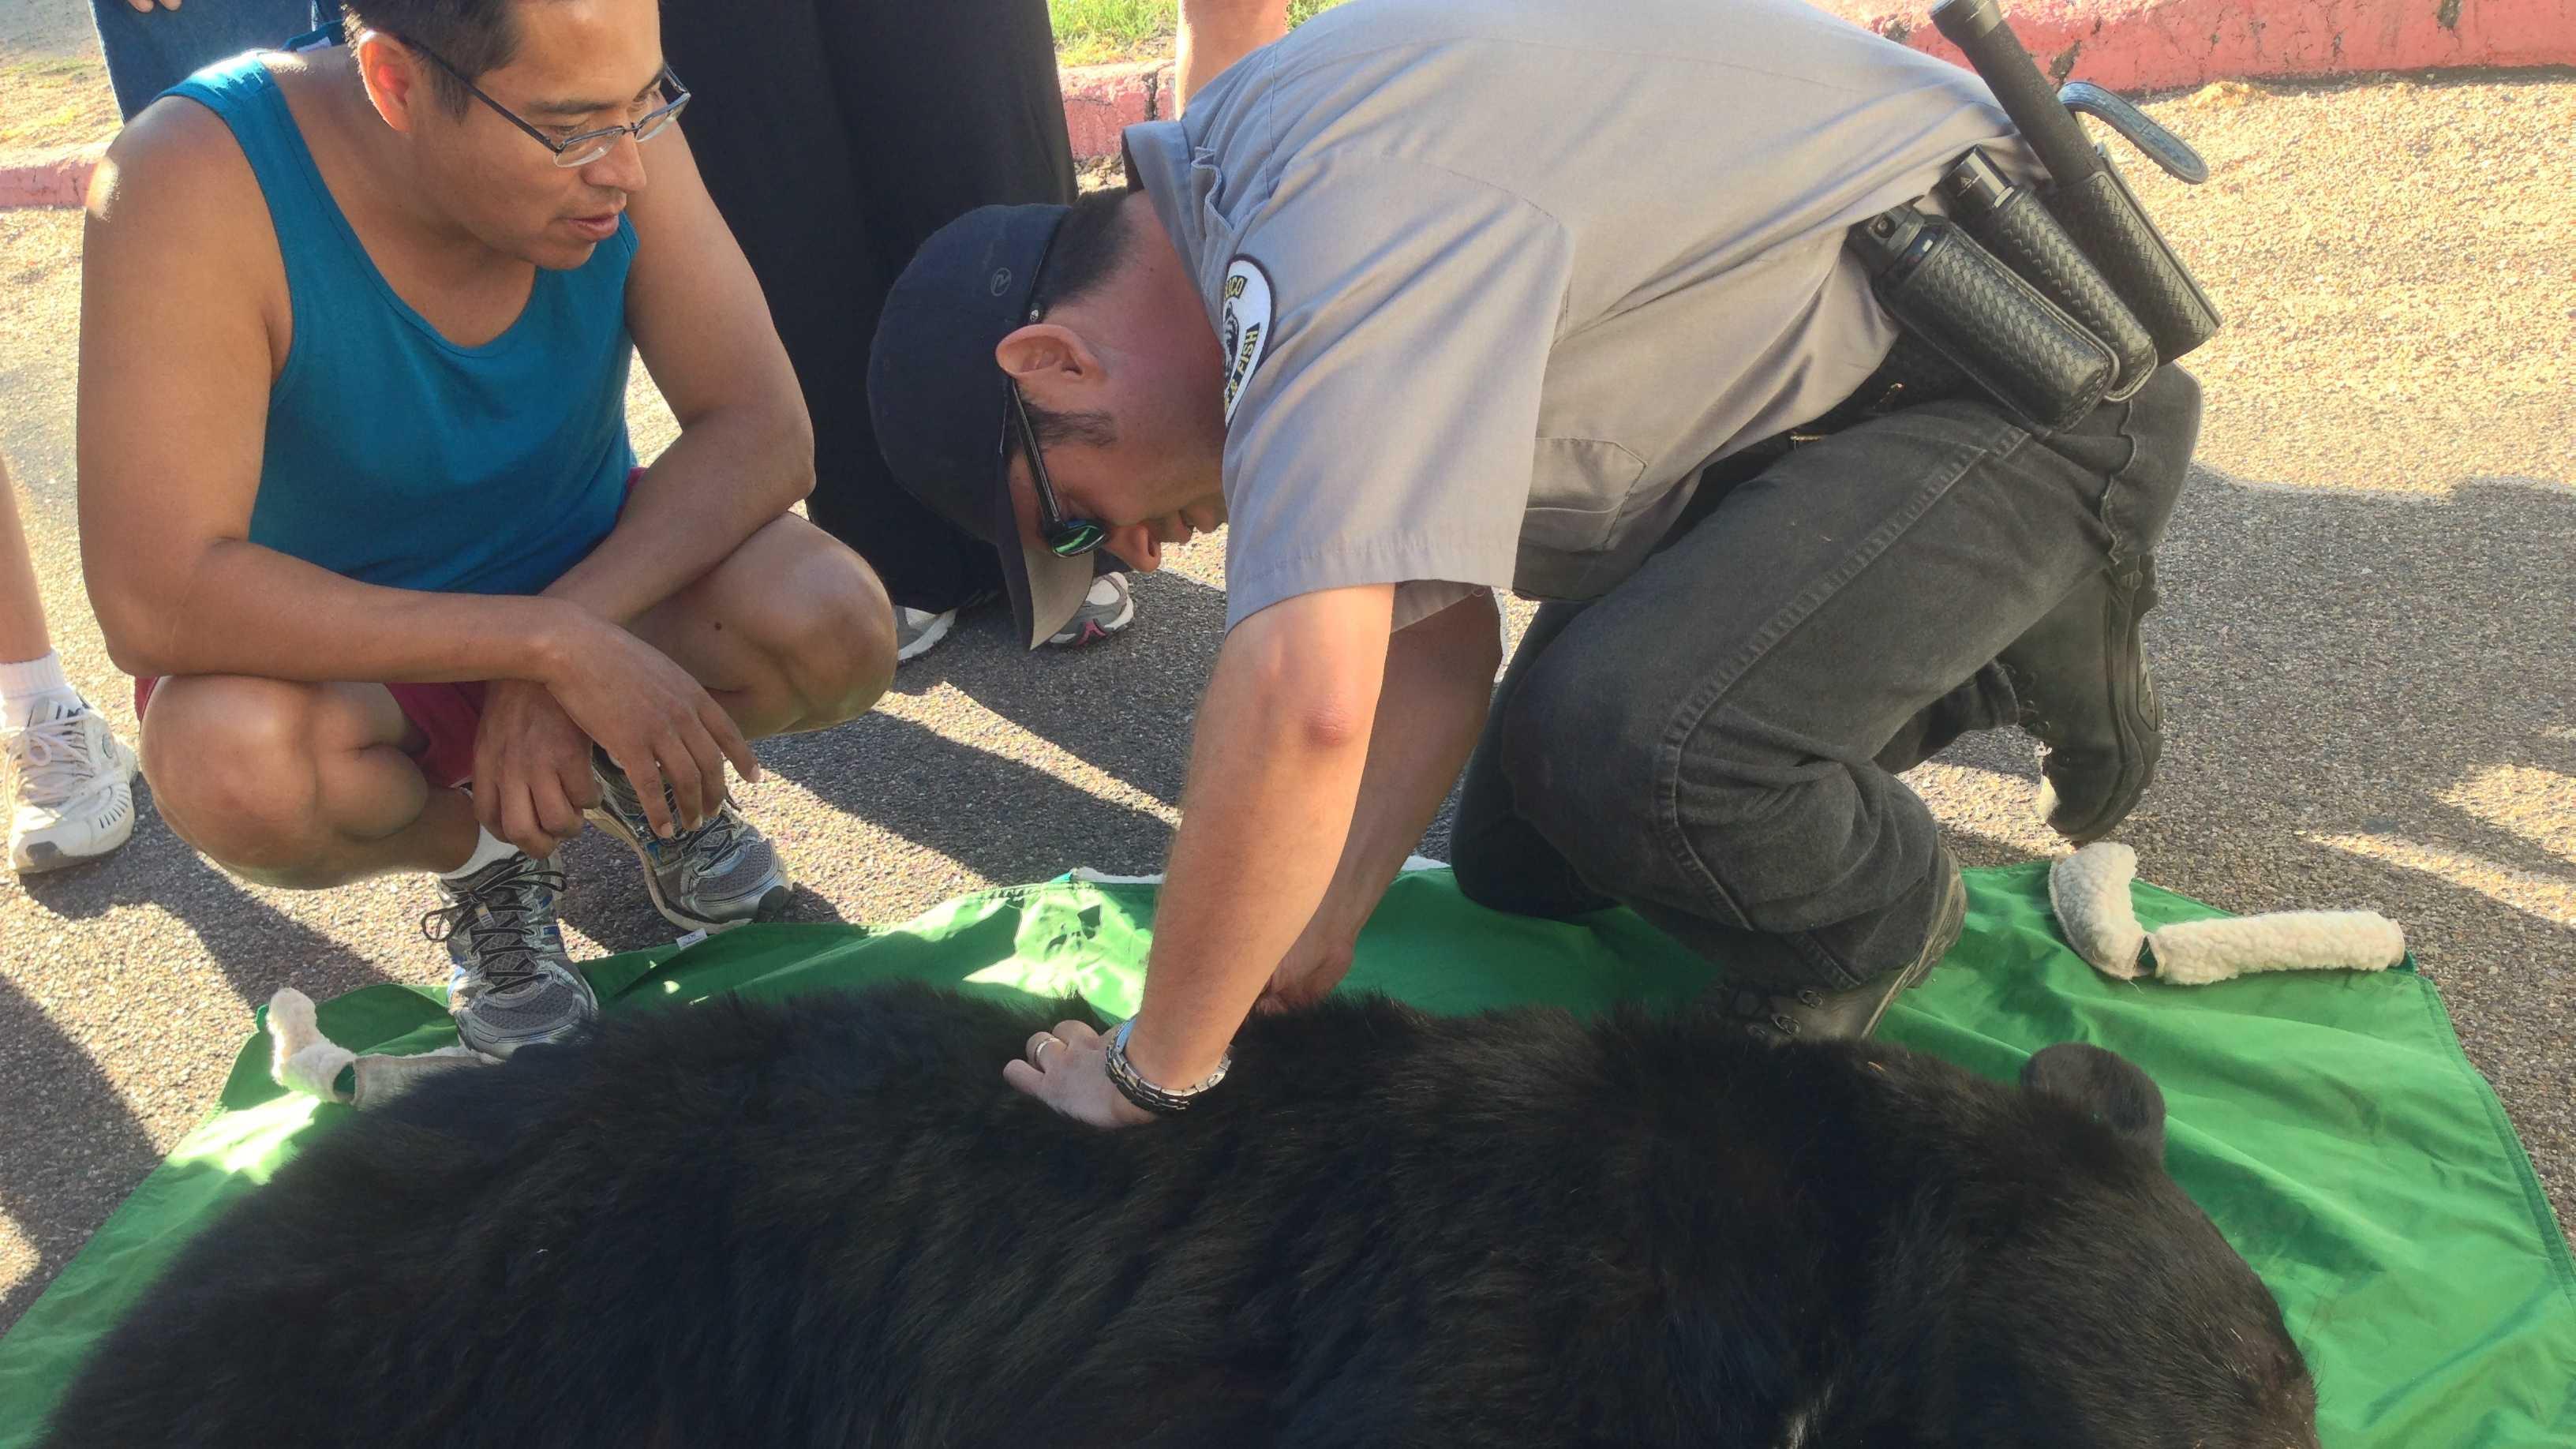 Bear captured Sept. 20, 2013